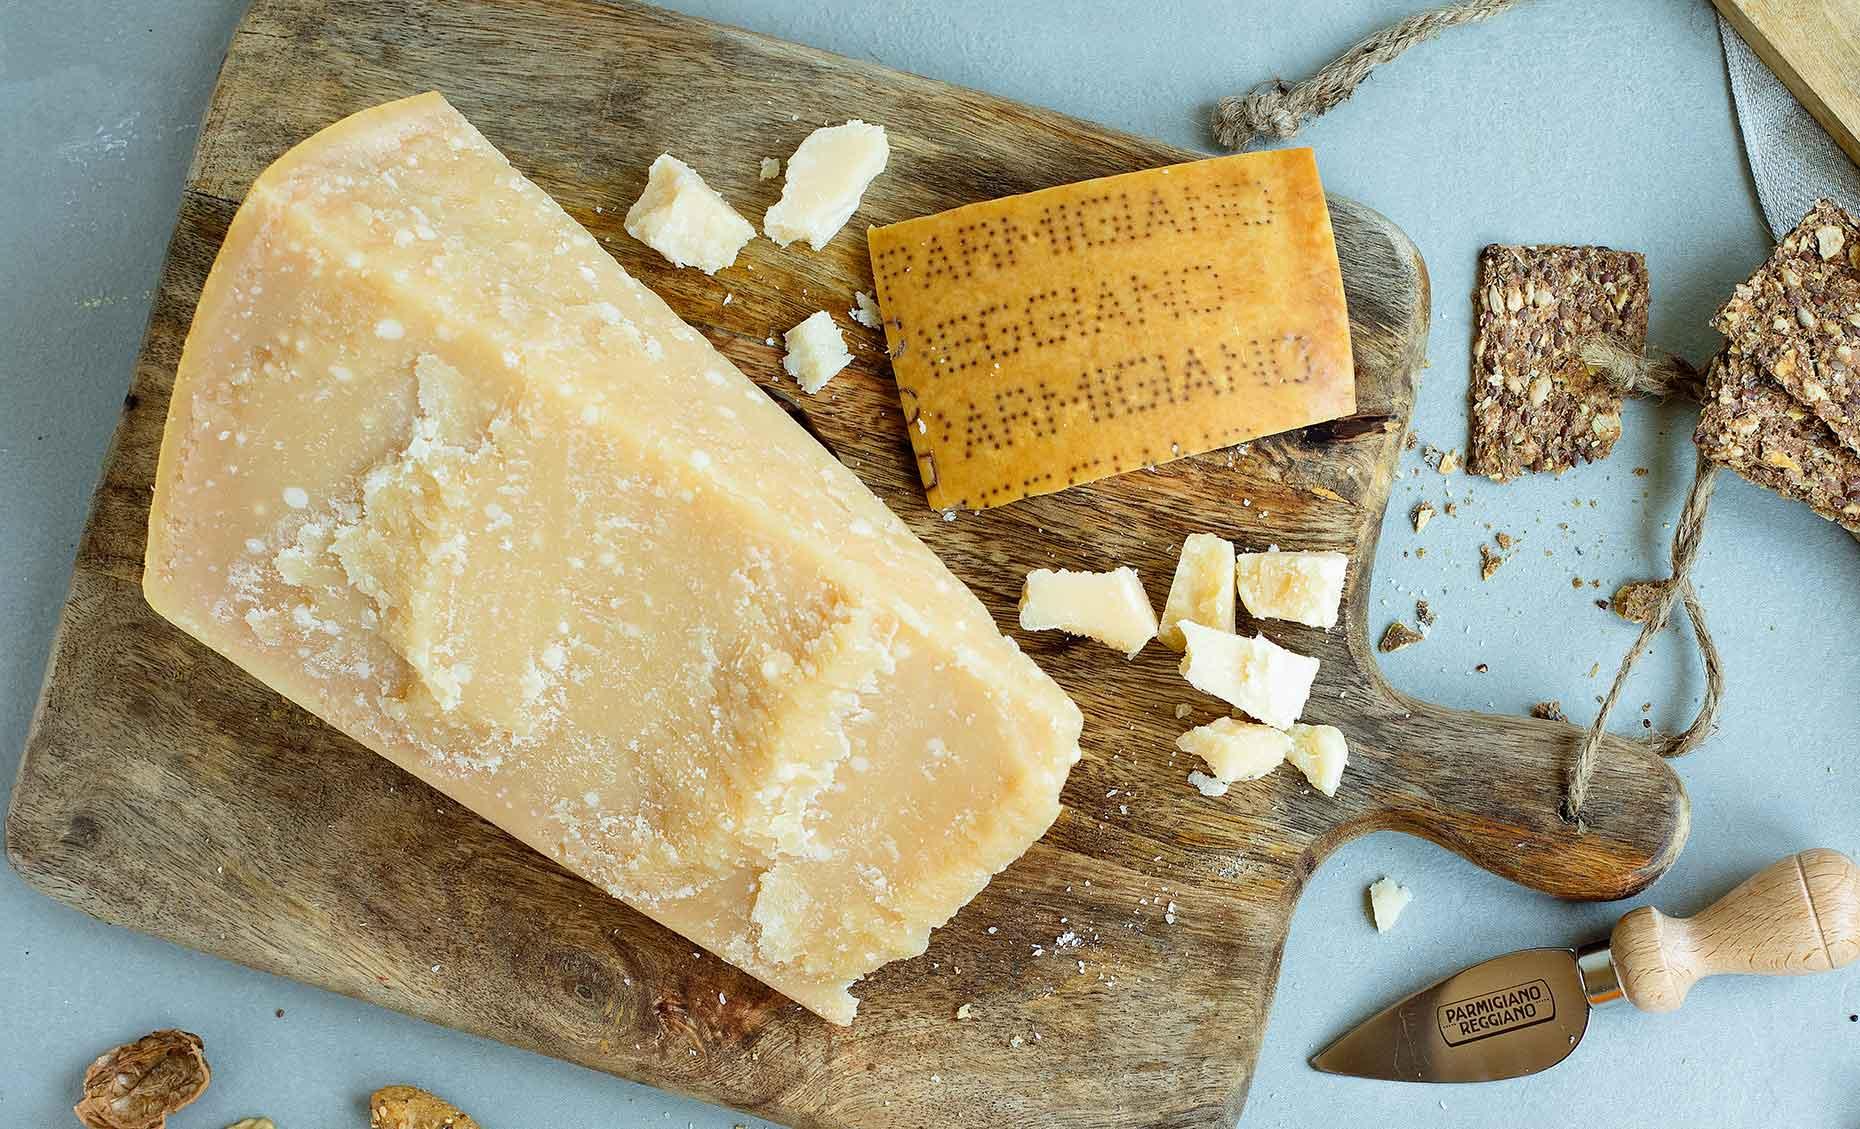 Mature Parmesan (Image: Courtesy of Consortium of Parmigiano Reggiano)